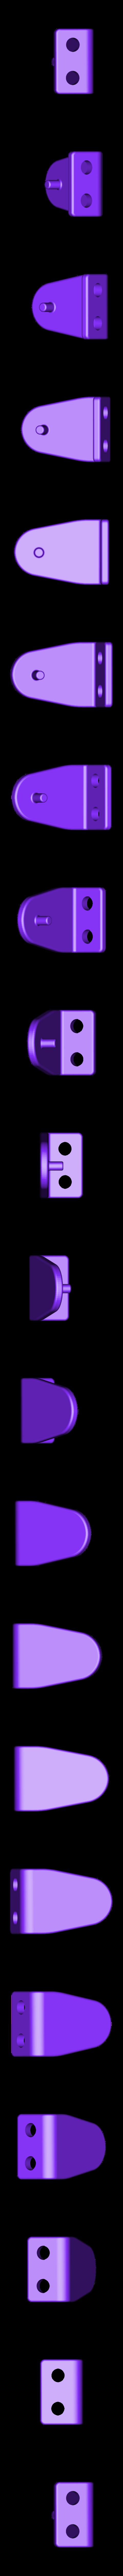 Miniblind hold down bracket v1.STL Download STL file Miniblind bracket • 3D printing model, RSI